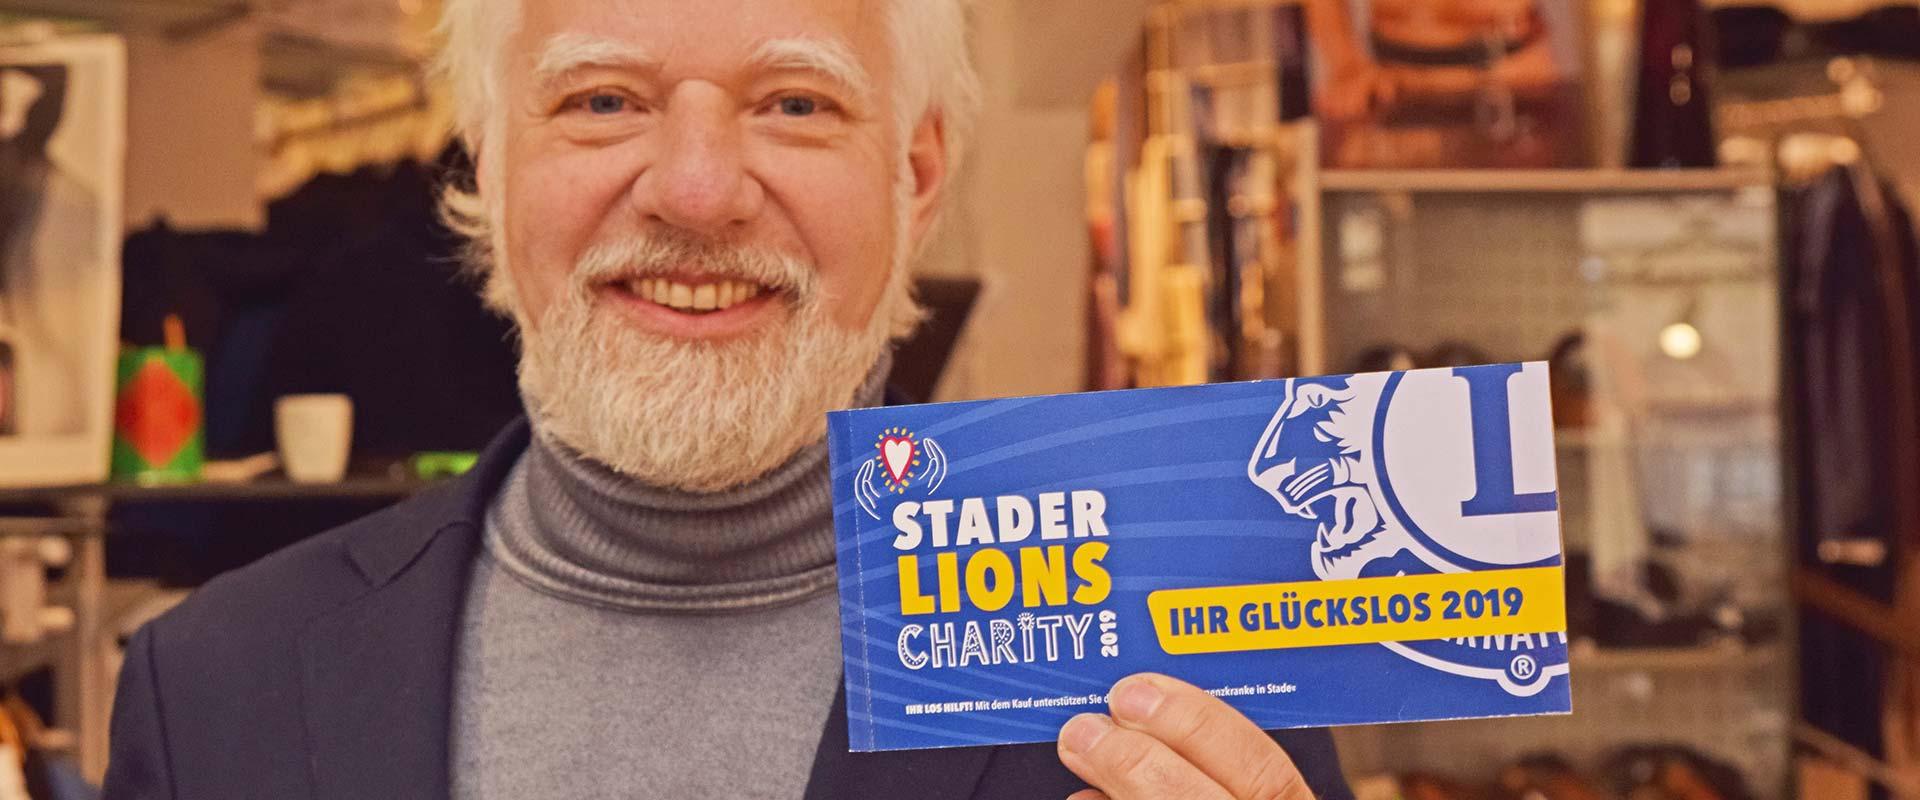 Lions Charity für Demenzkranke gestartet